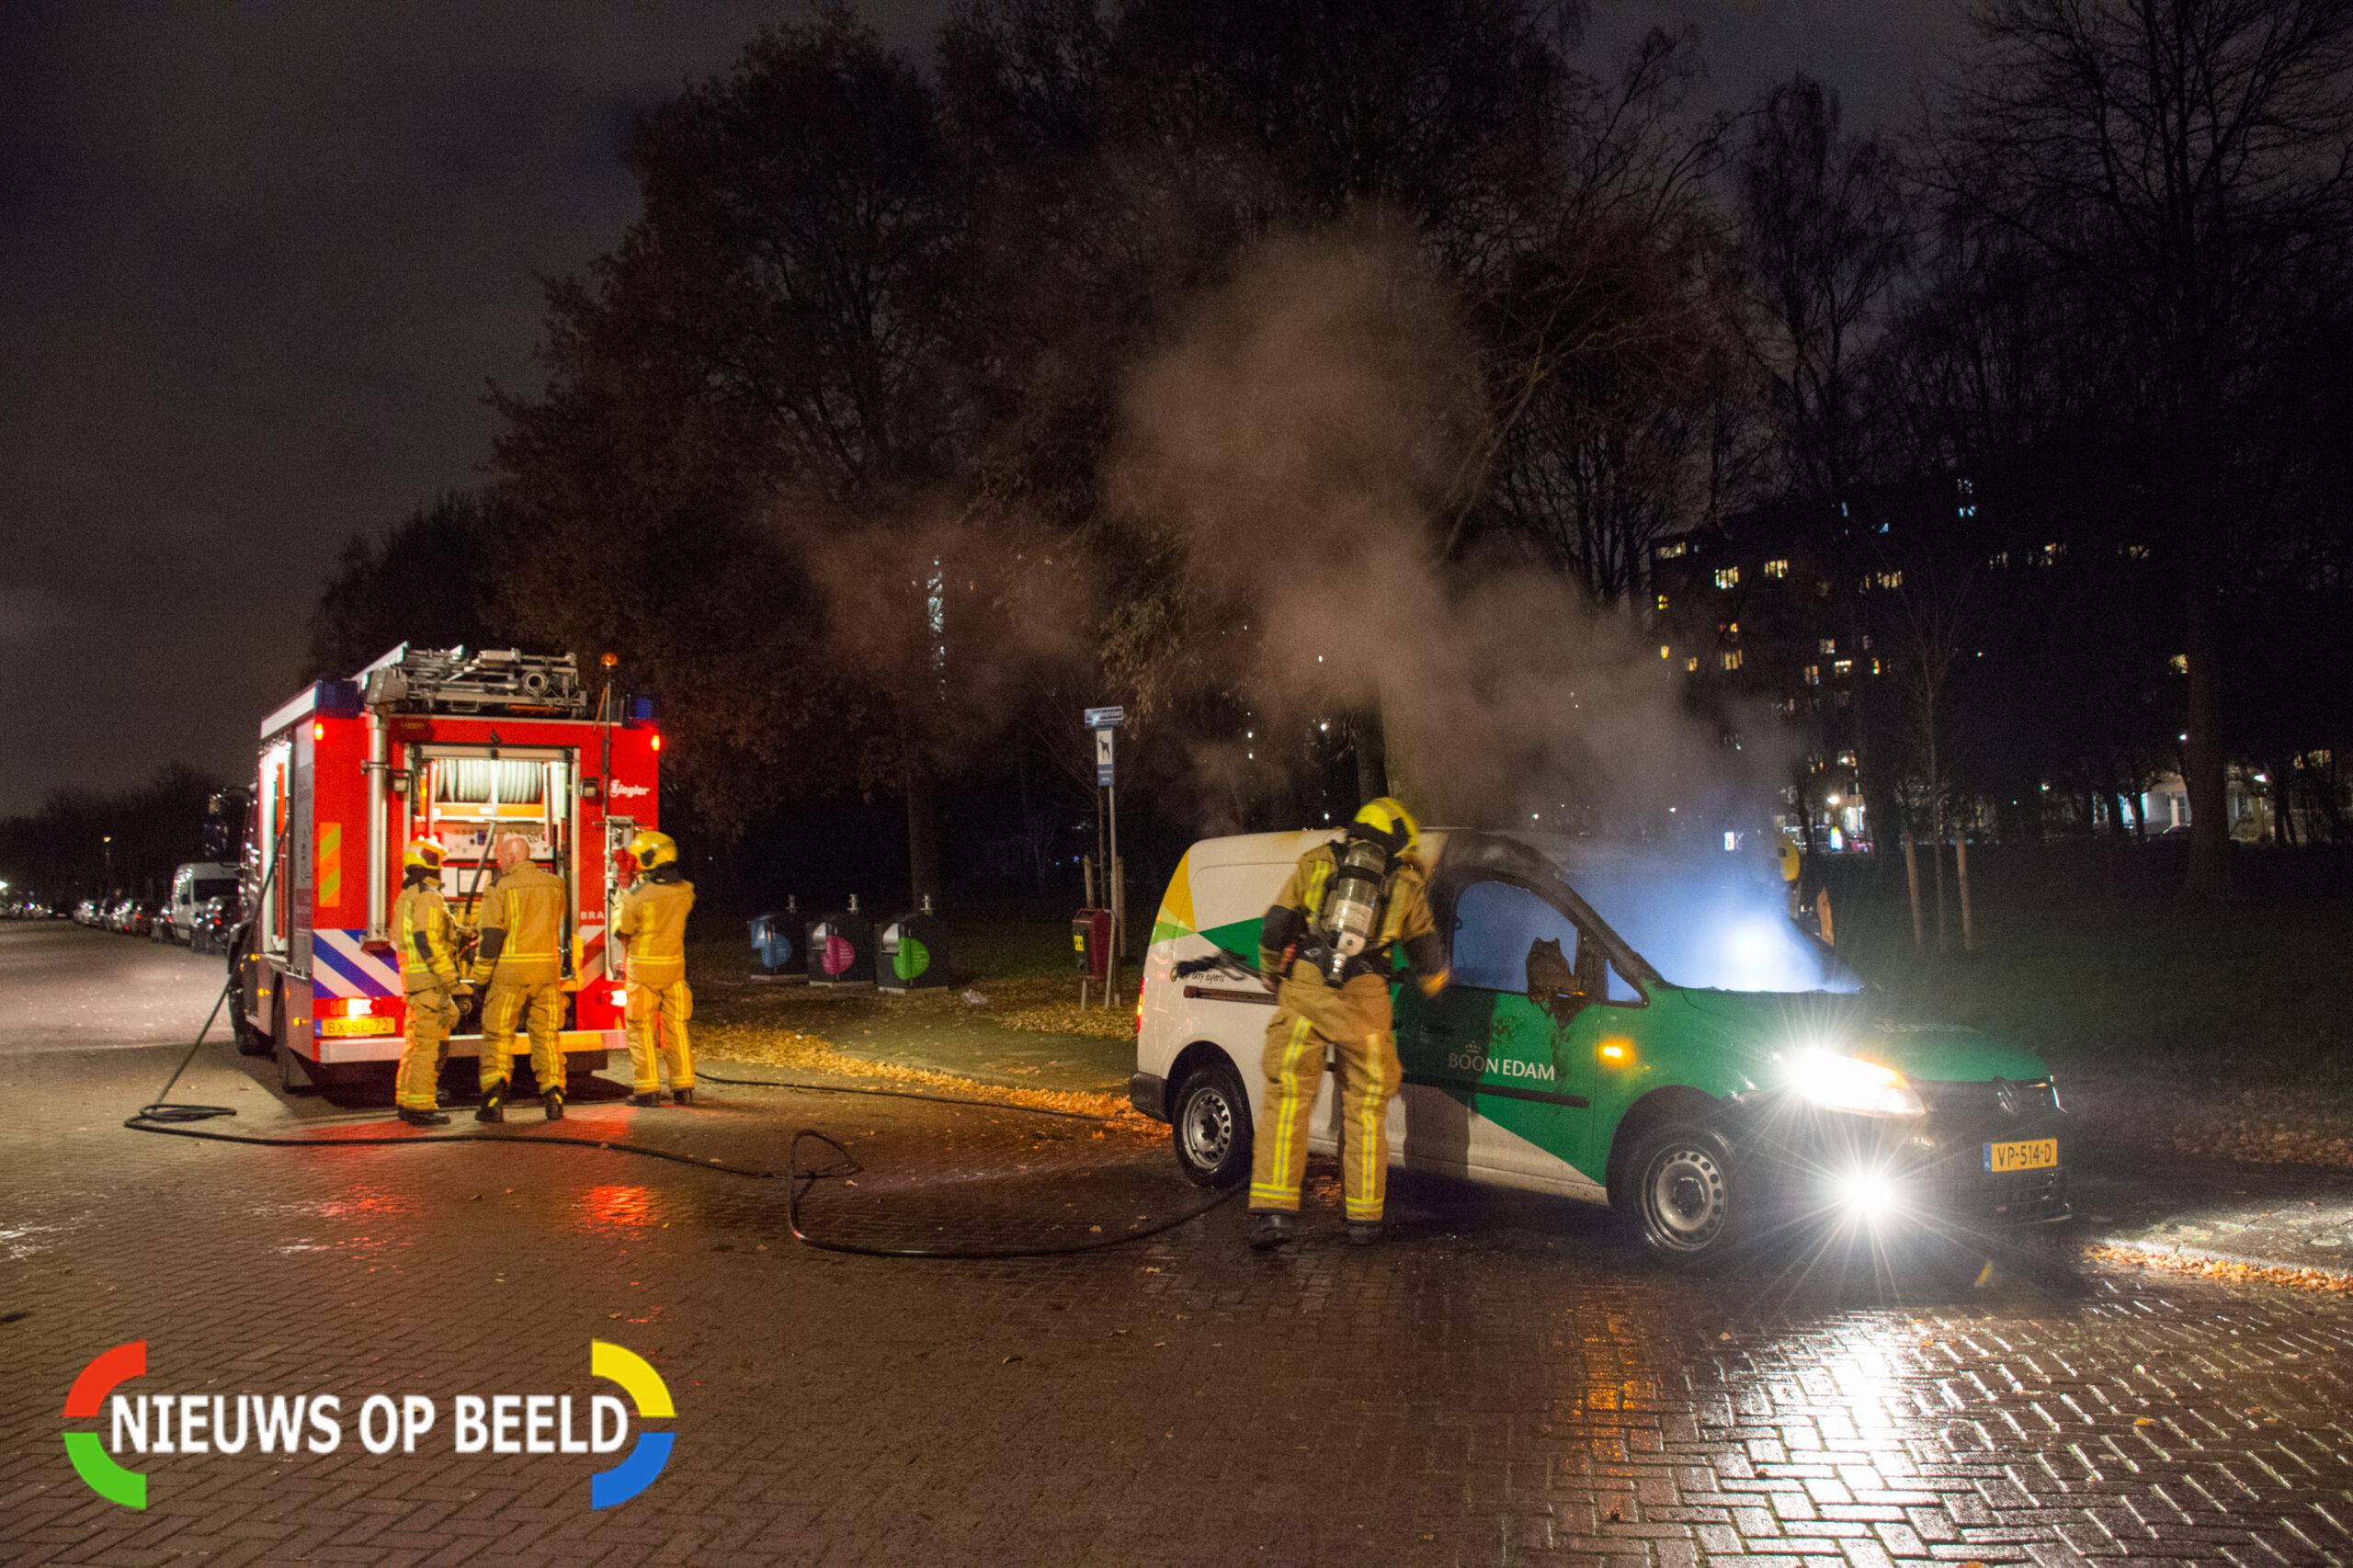 Bedrijfsbusje uitgebrand in Voorburg